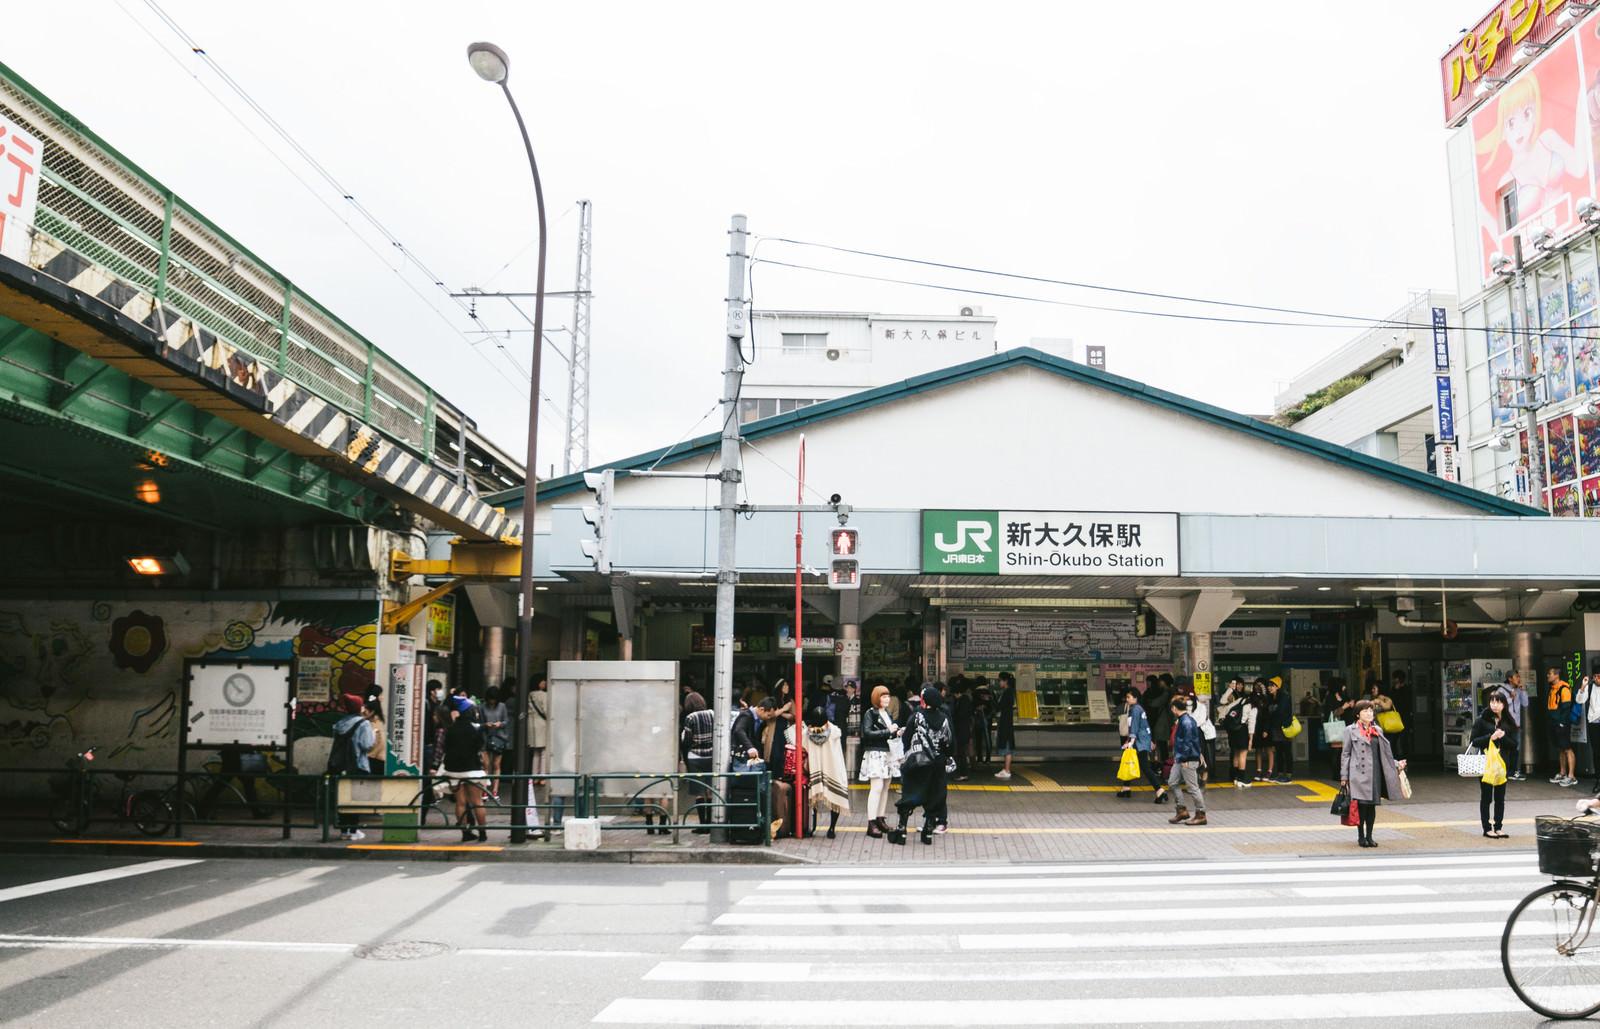 「待ち合わせの人で賑わう新大久保駅前」の写真